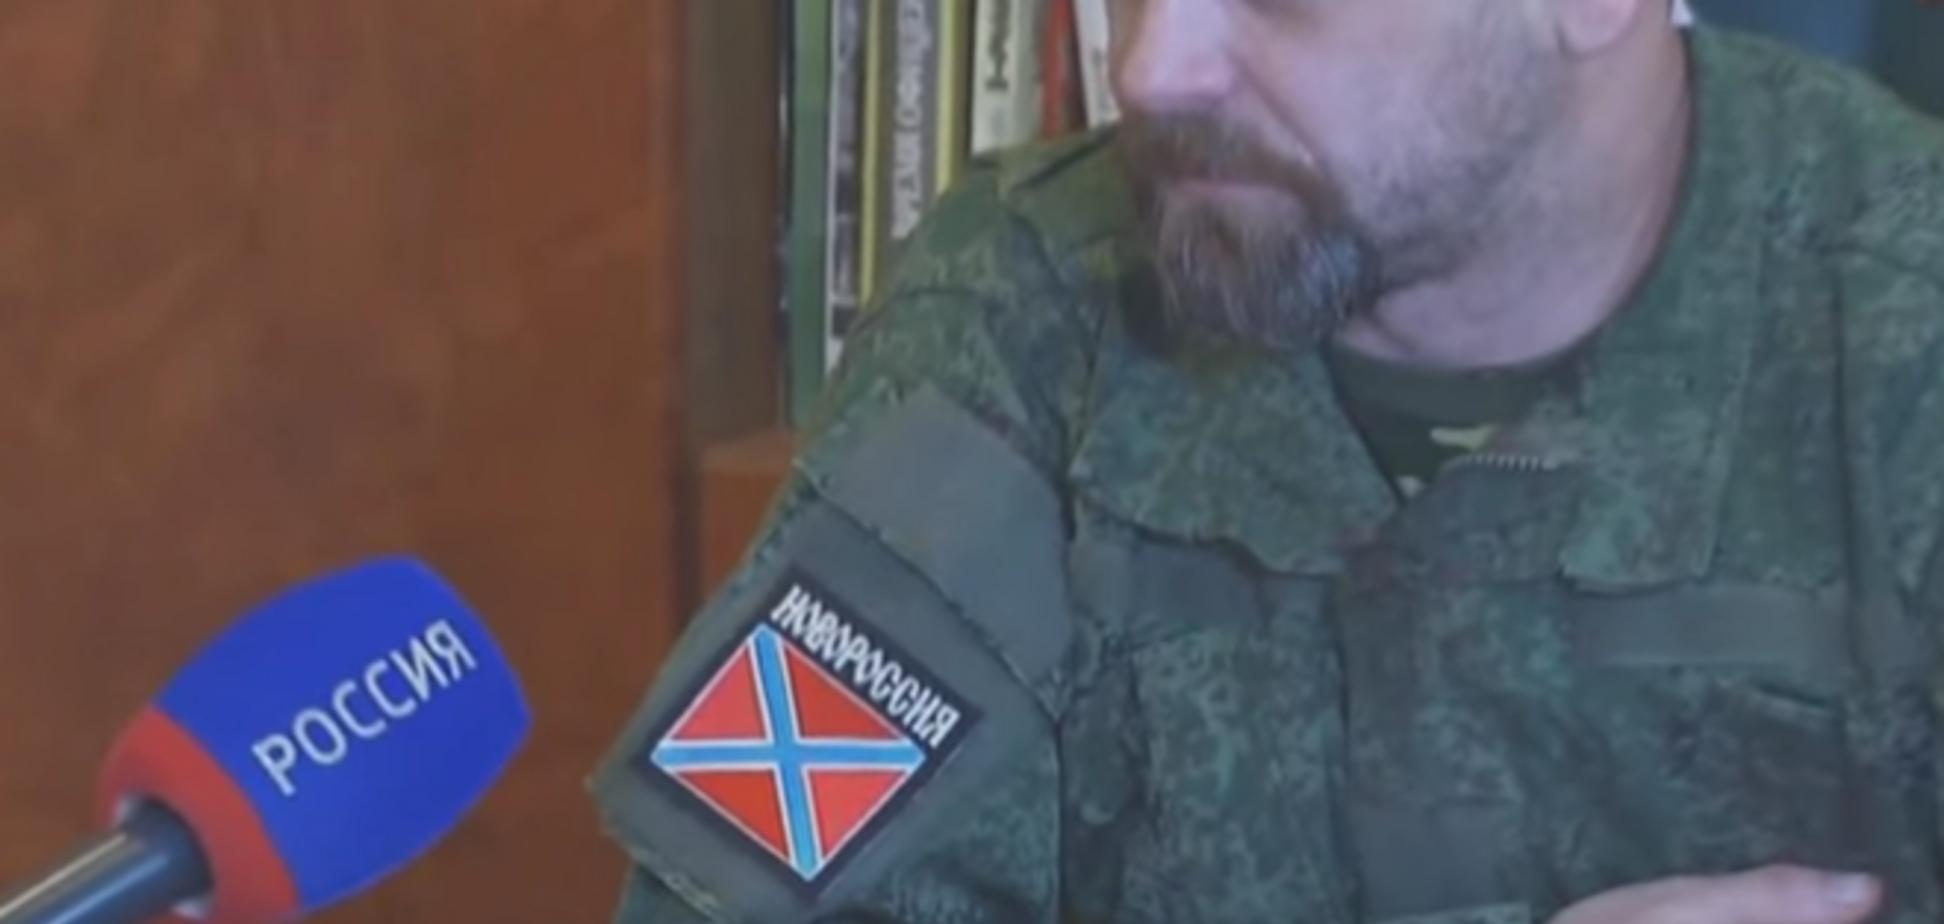 'Чистый бизнес': главарь боевиков 'ЛНР' Мозговой признал, что 'фашизма' в Украине нет -видеофакт